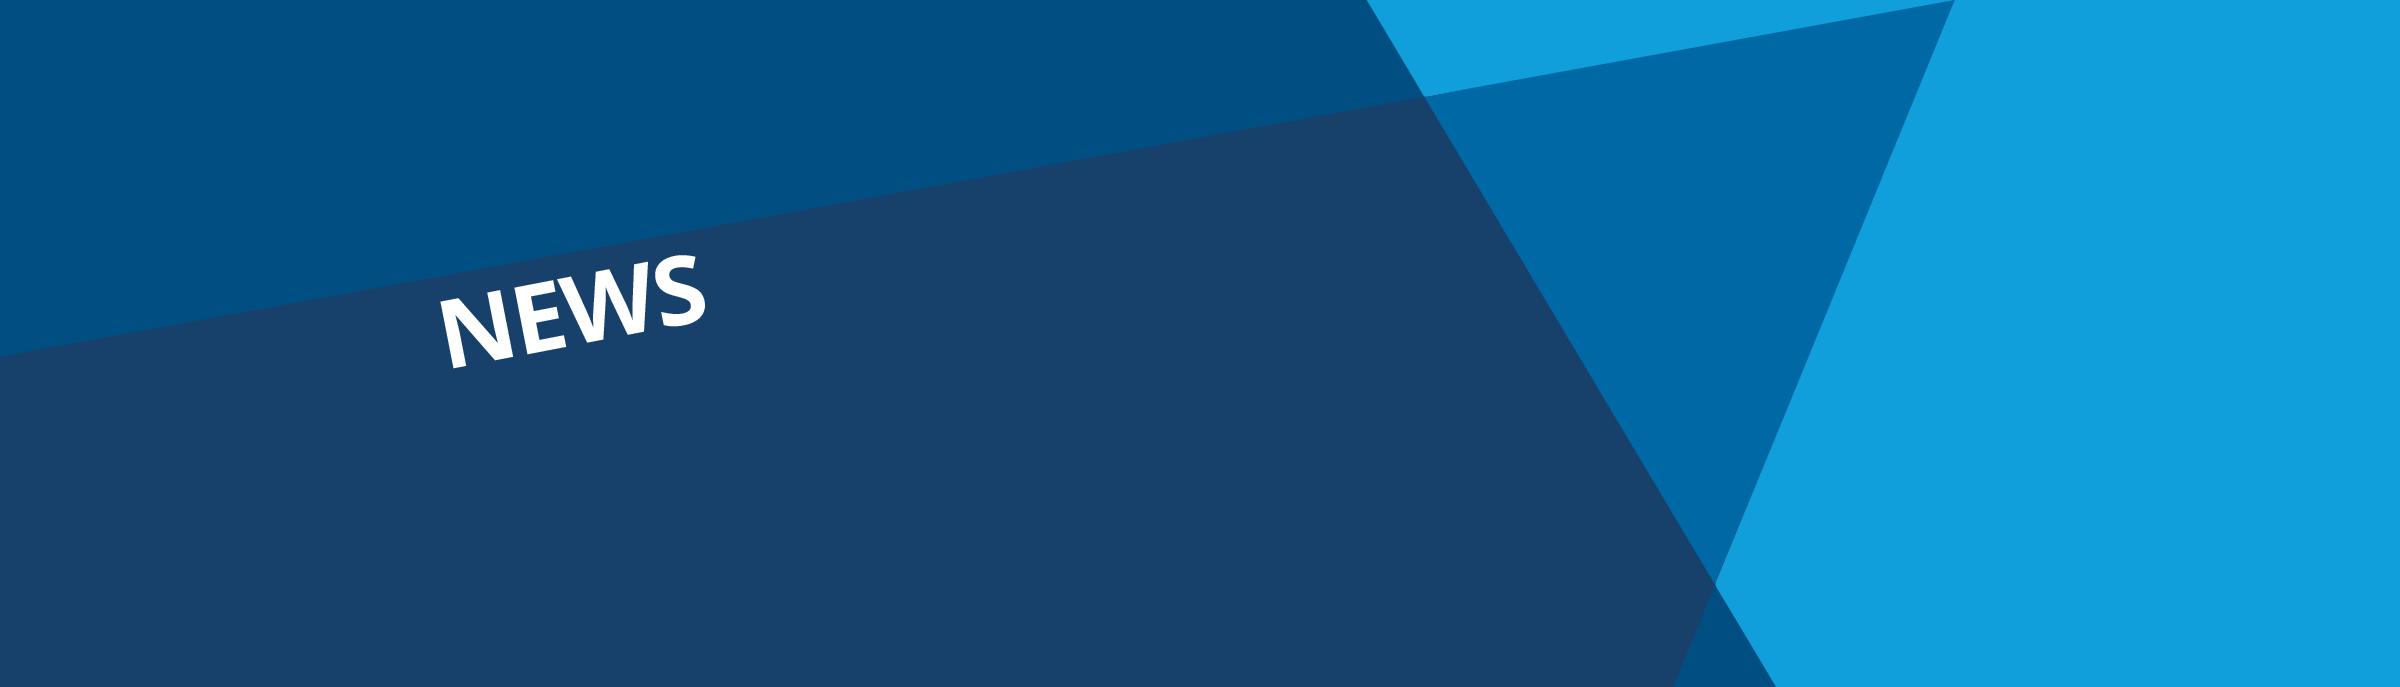 Webseiten Banner für den Blog